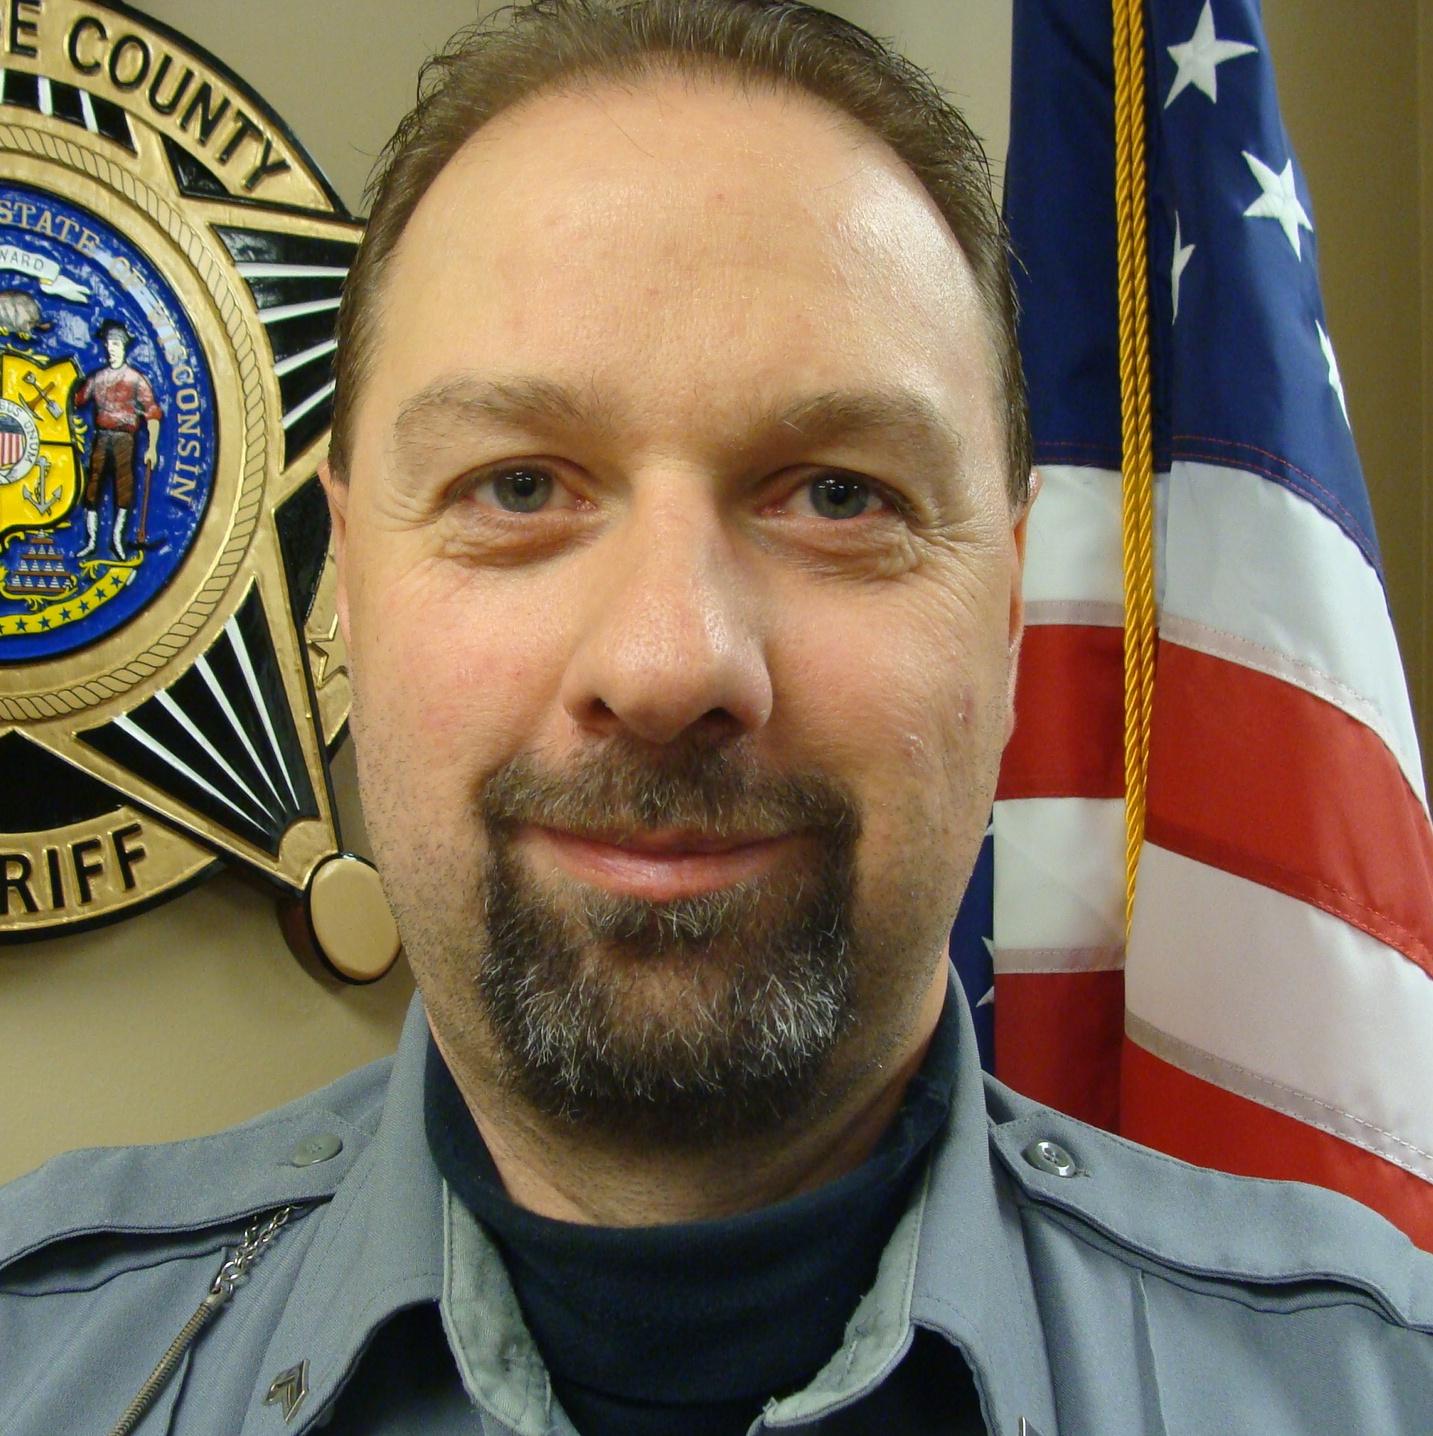 Corporal Brian Lenzner